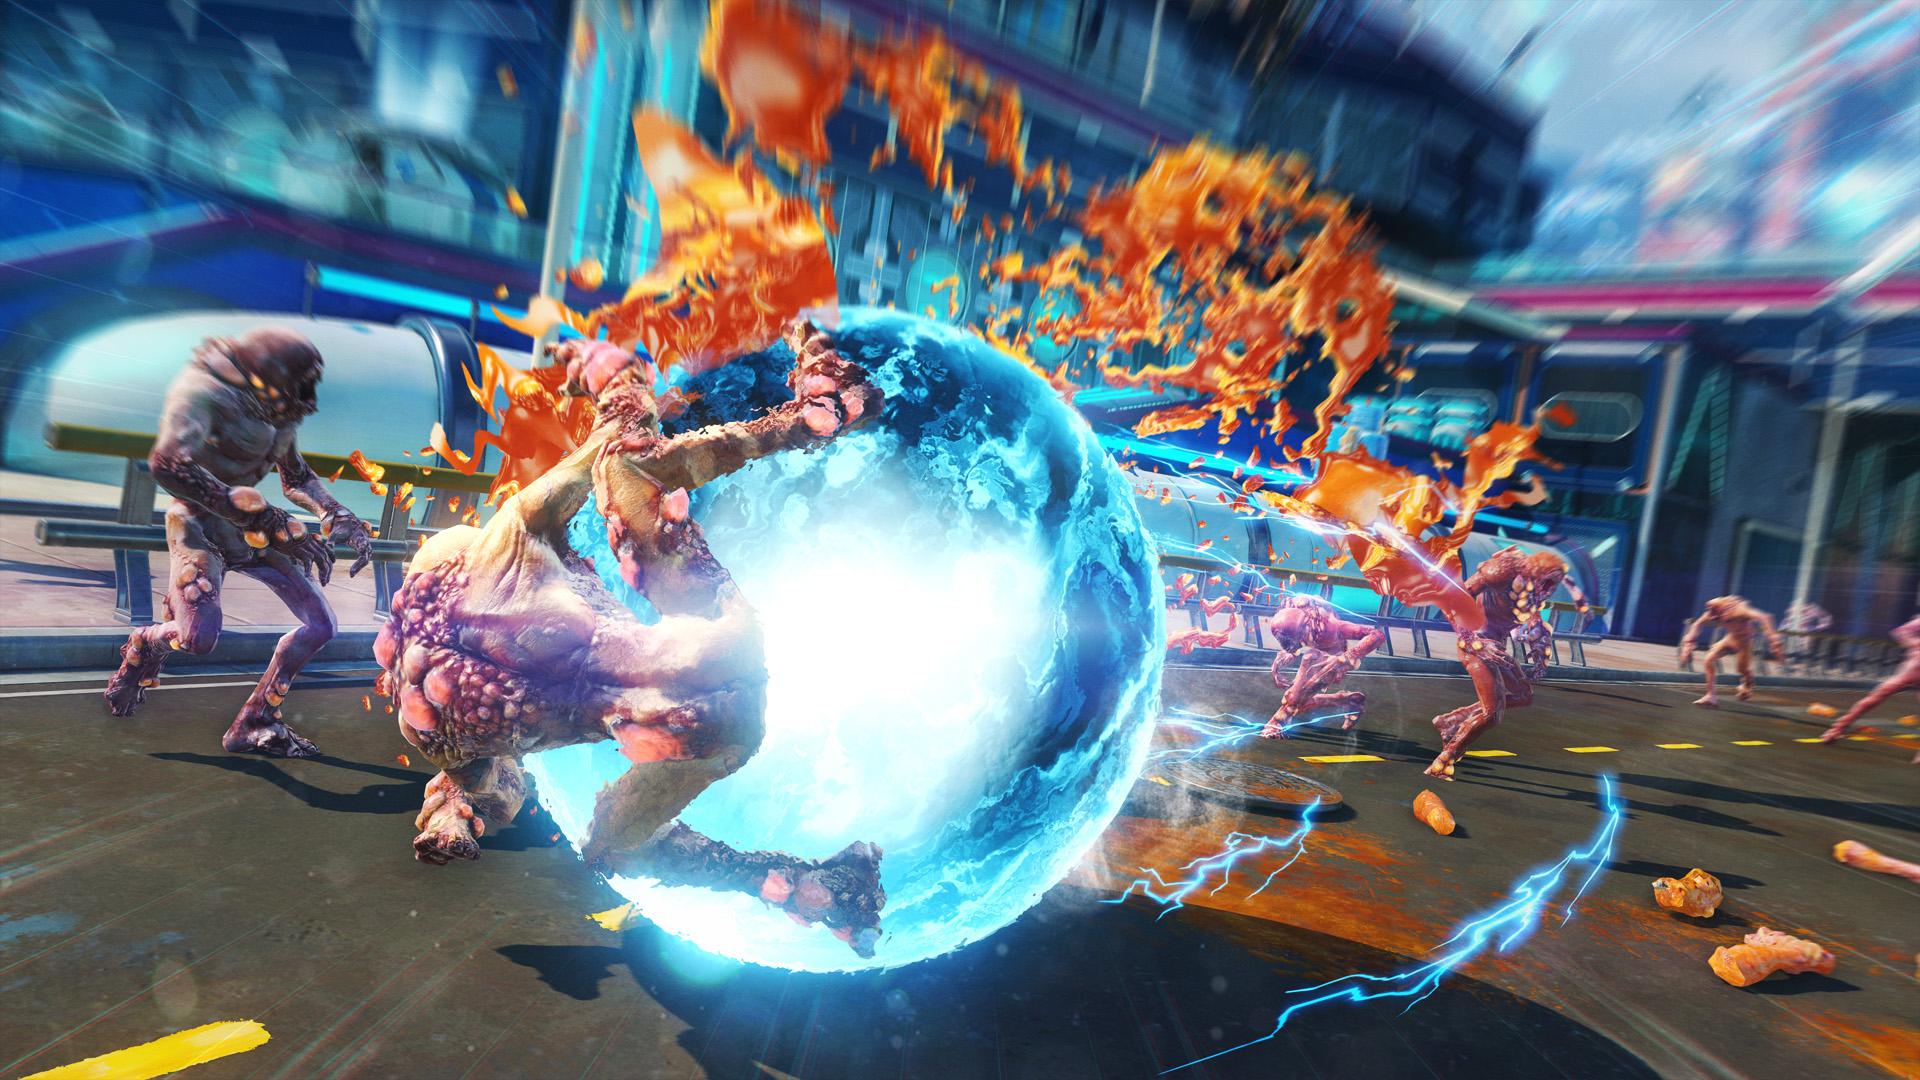 《日落过载》今日登陆steam发售 国区74元不支持中文电子游戏-游戏咖啡:新游戏-转载